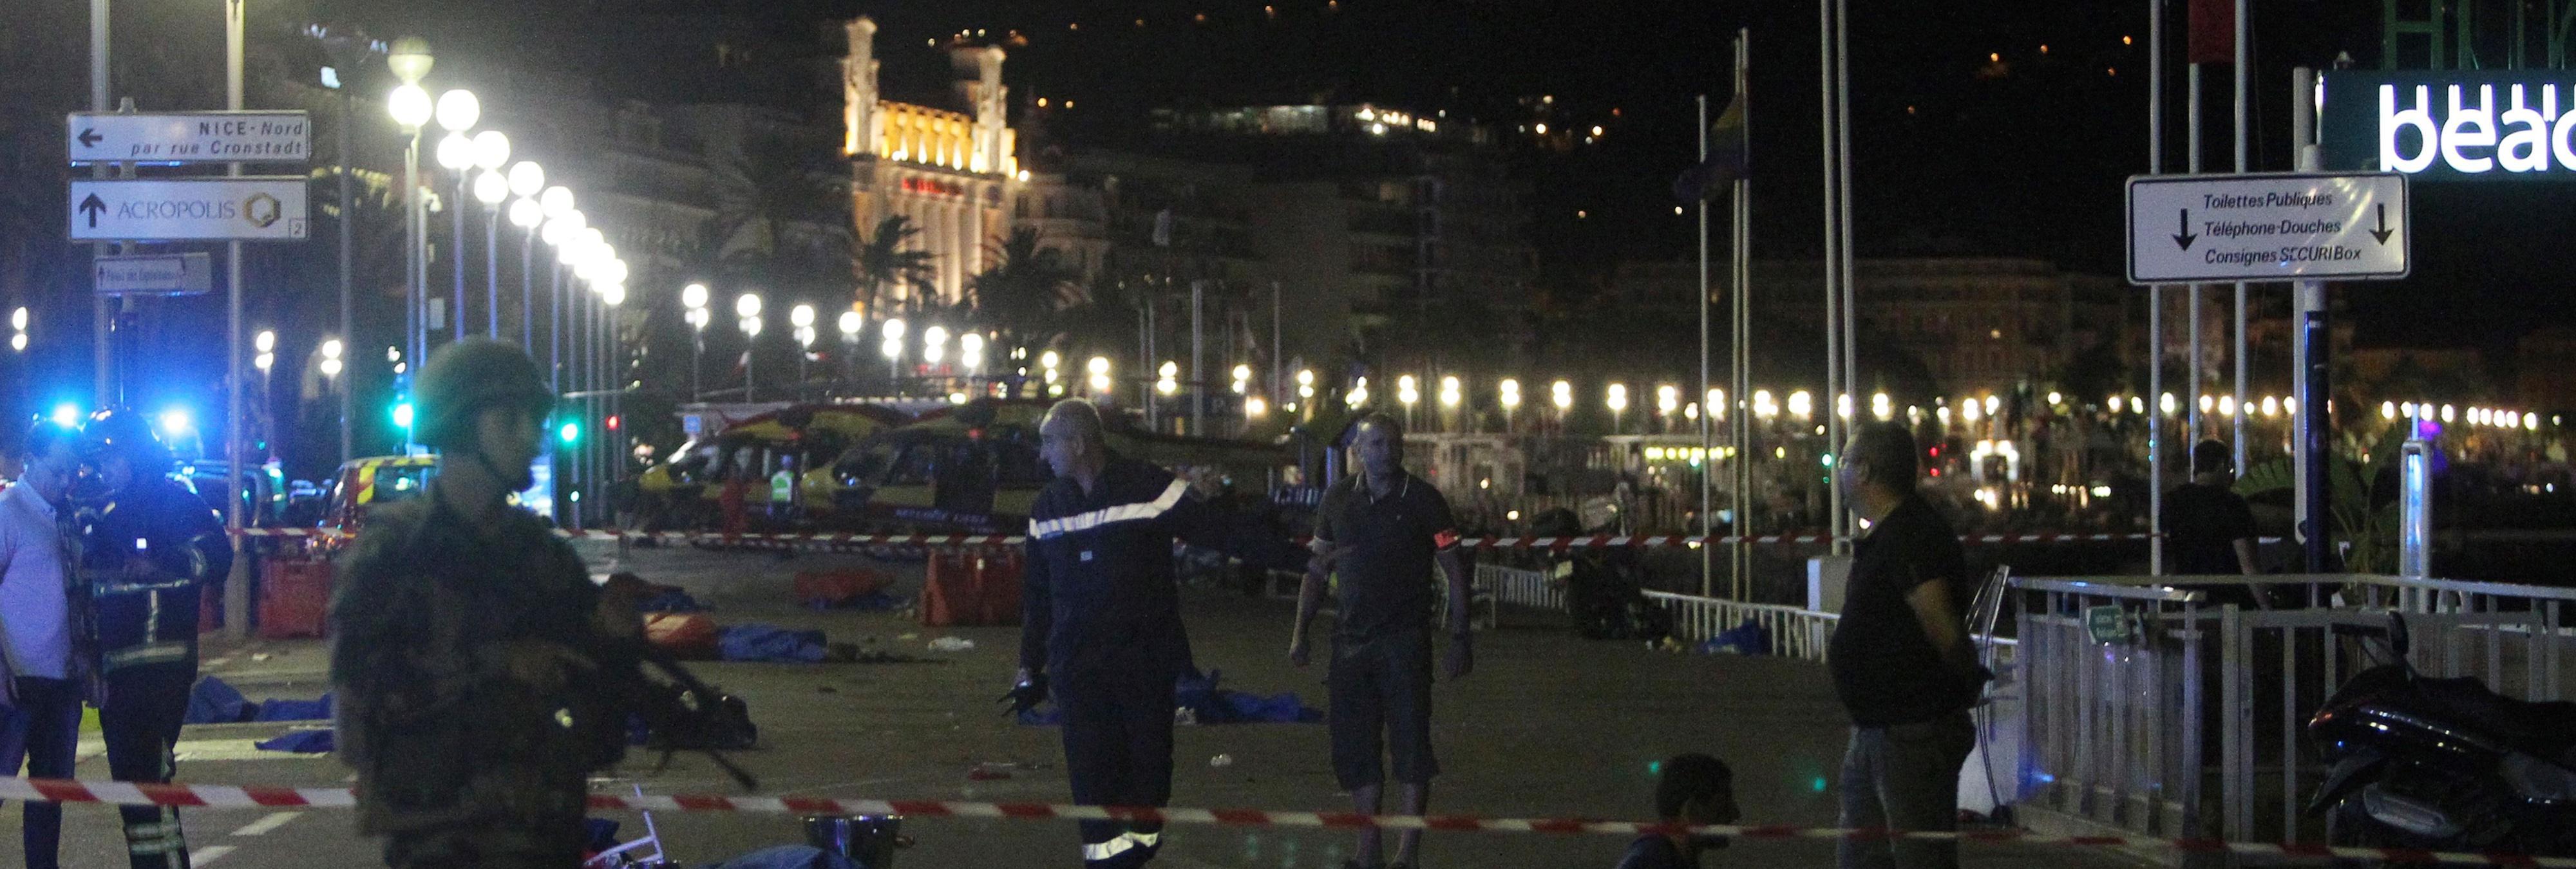 El atentado de Niza en primera persona: 'El camión de la muerte pasó a algunos metros de mí'